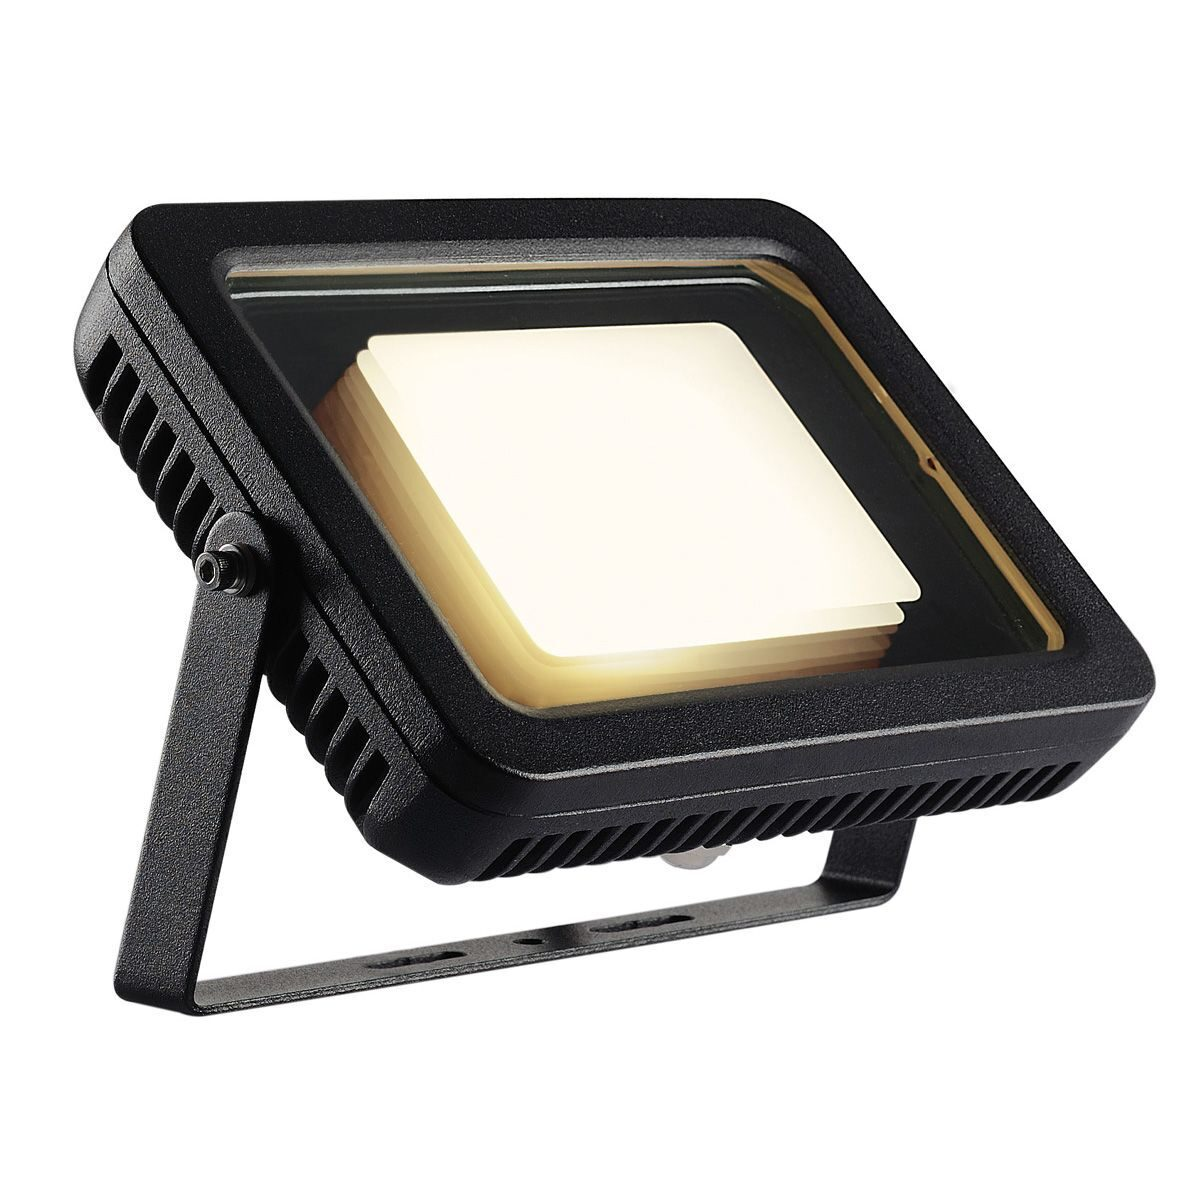 Купить уличные светодиодные LED светильники по низким